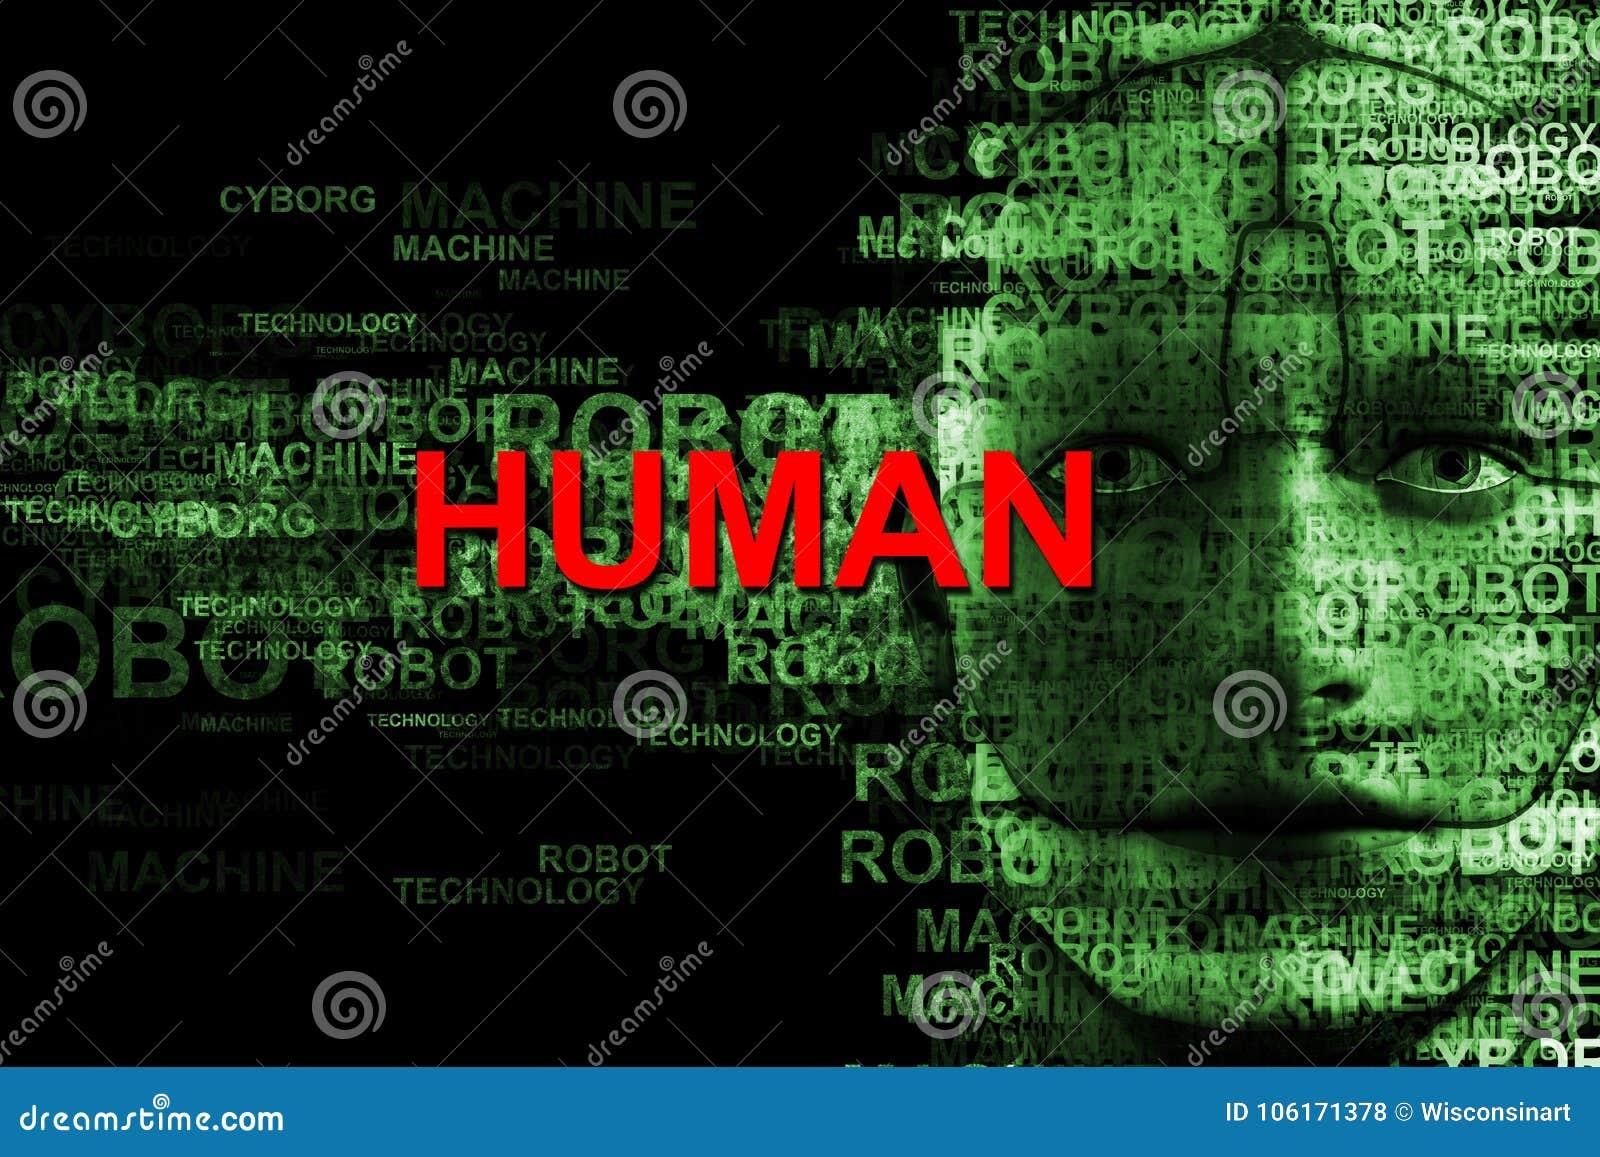 Tecnologia, máquina, robô, Cyborg, computadores